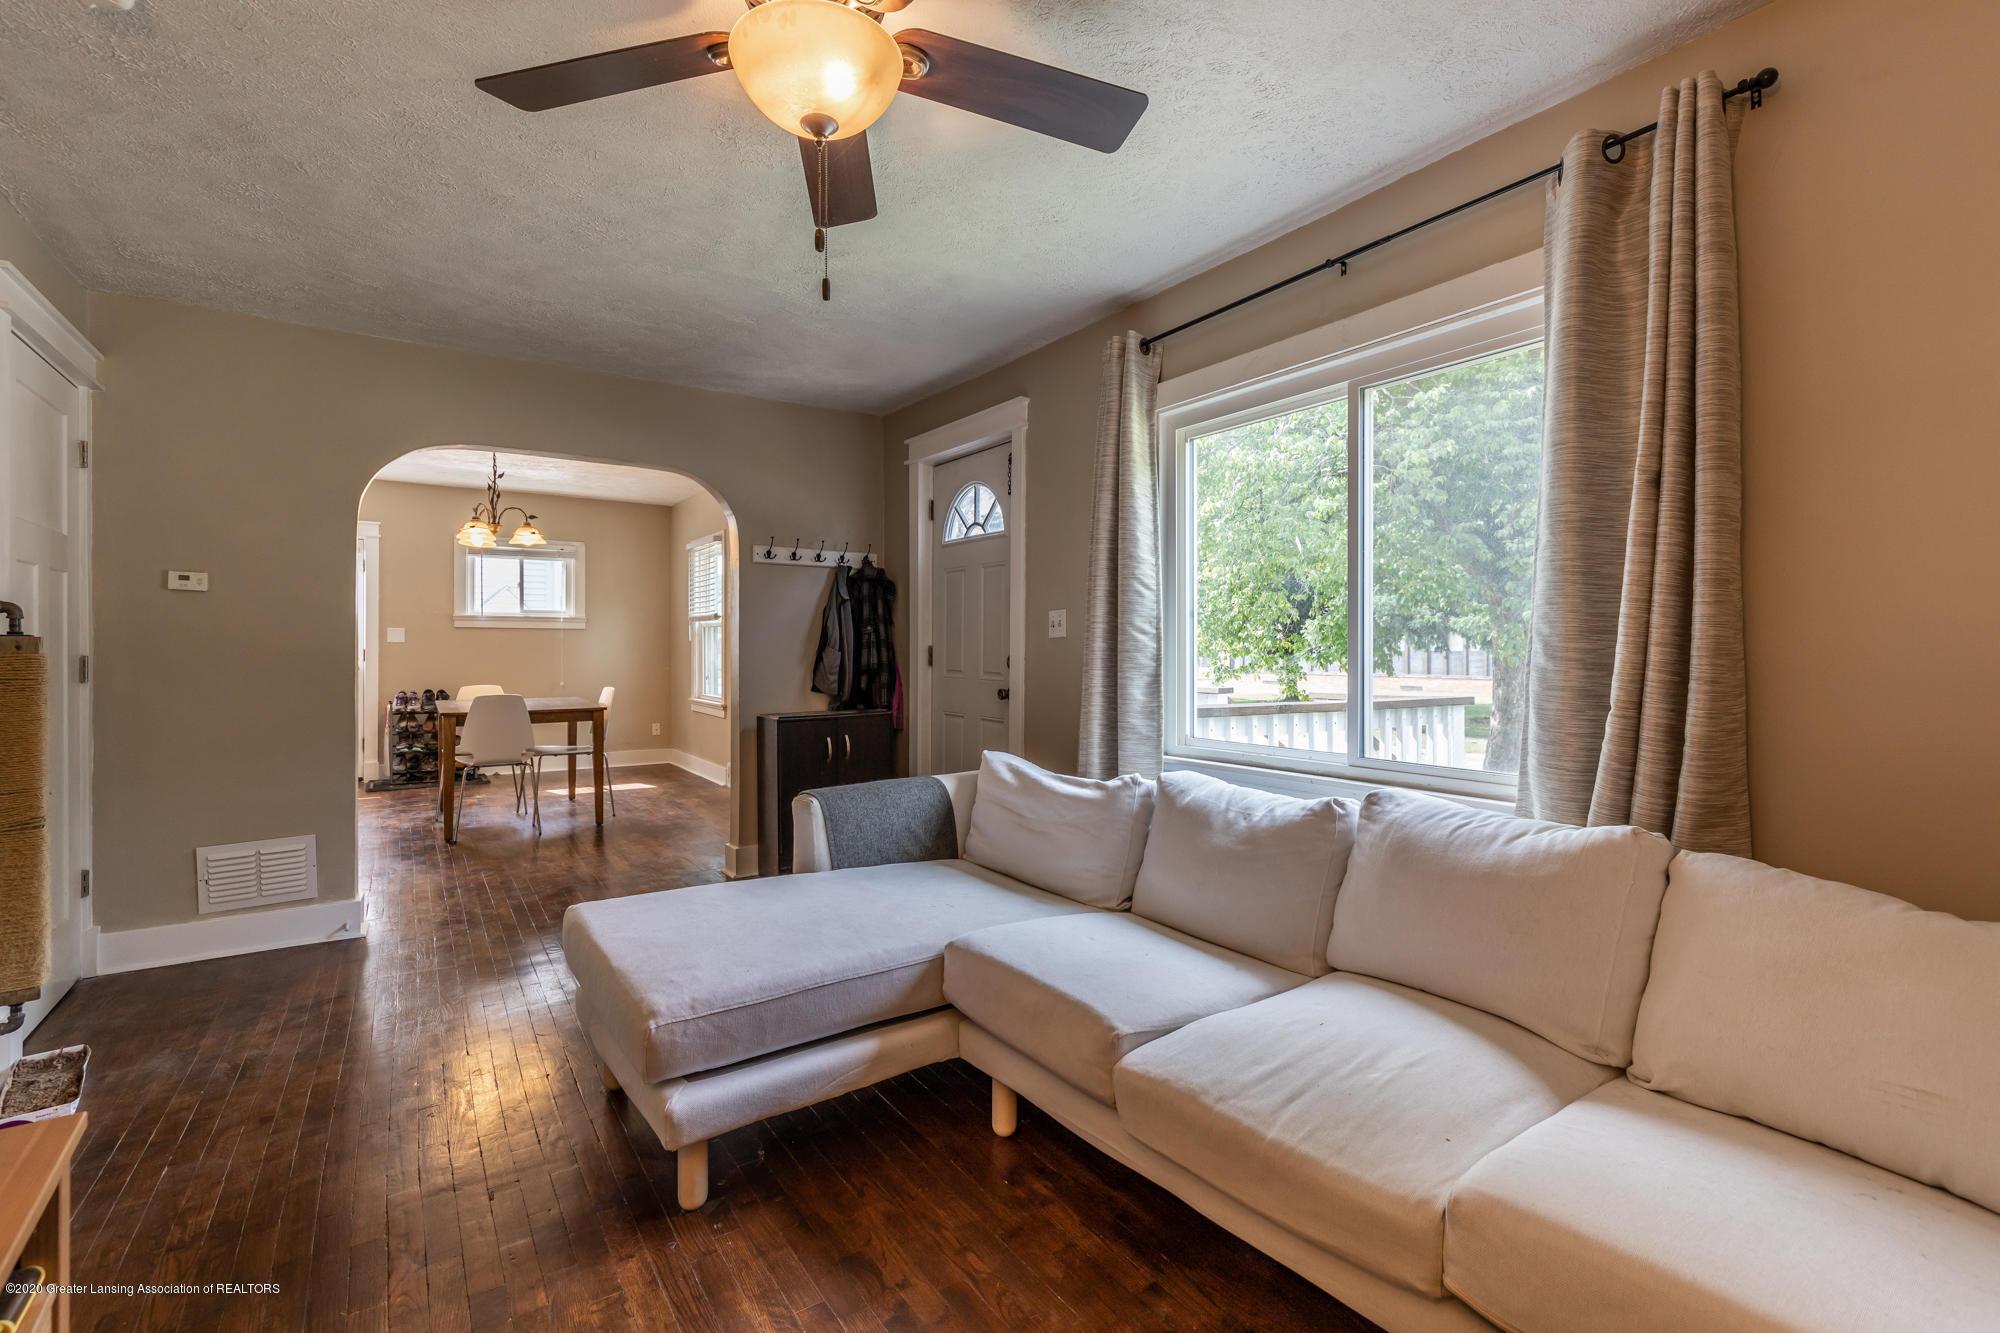 125 W Randolph St - randolphliving (1 of 1) - 25